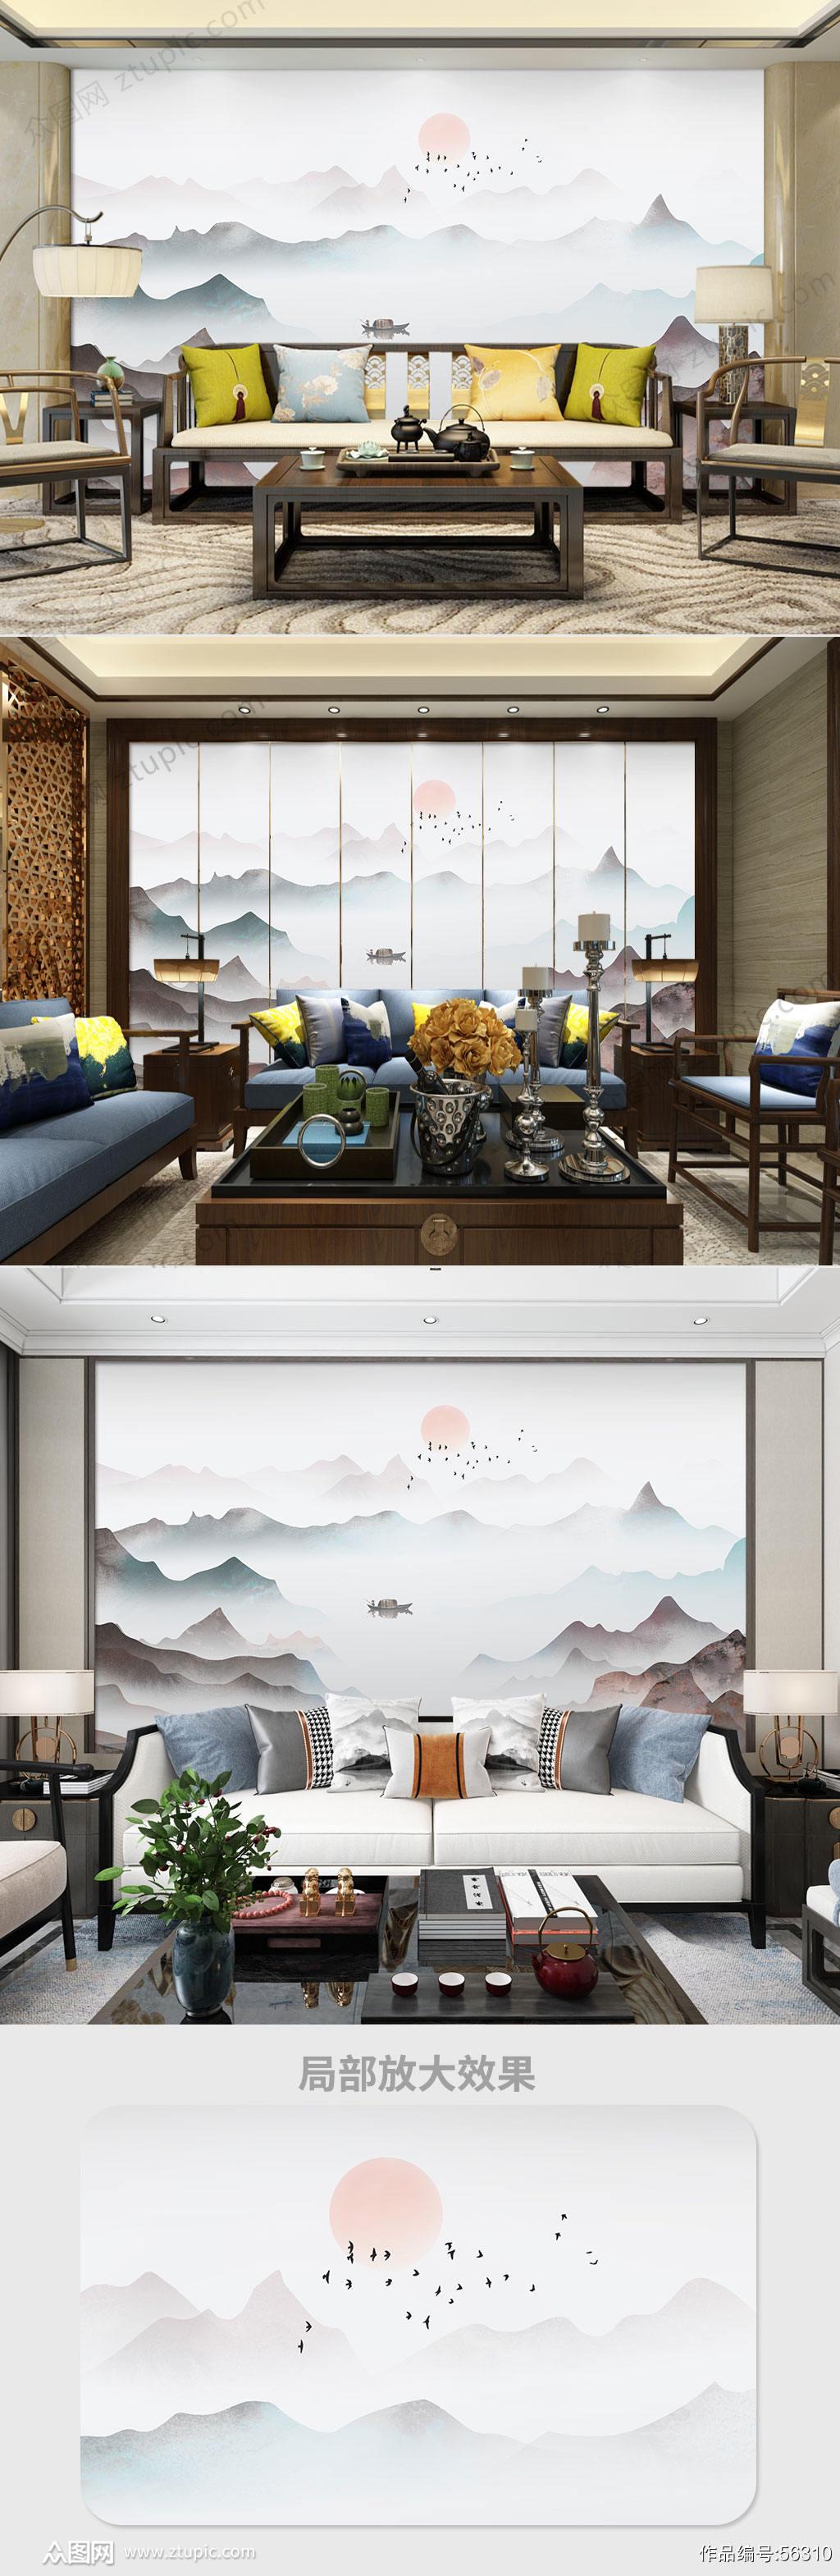 中国风山水背景墙素材